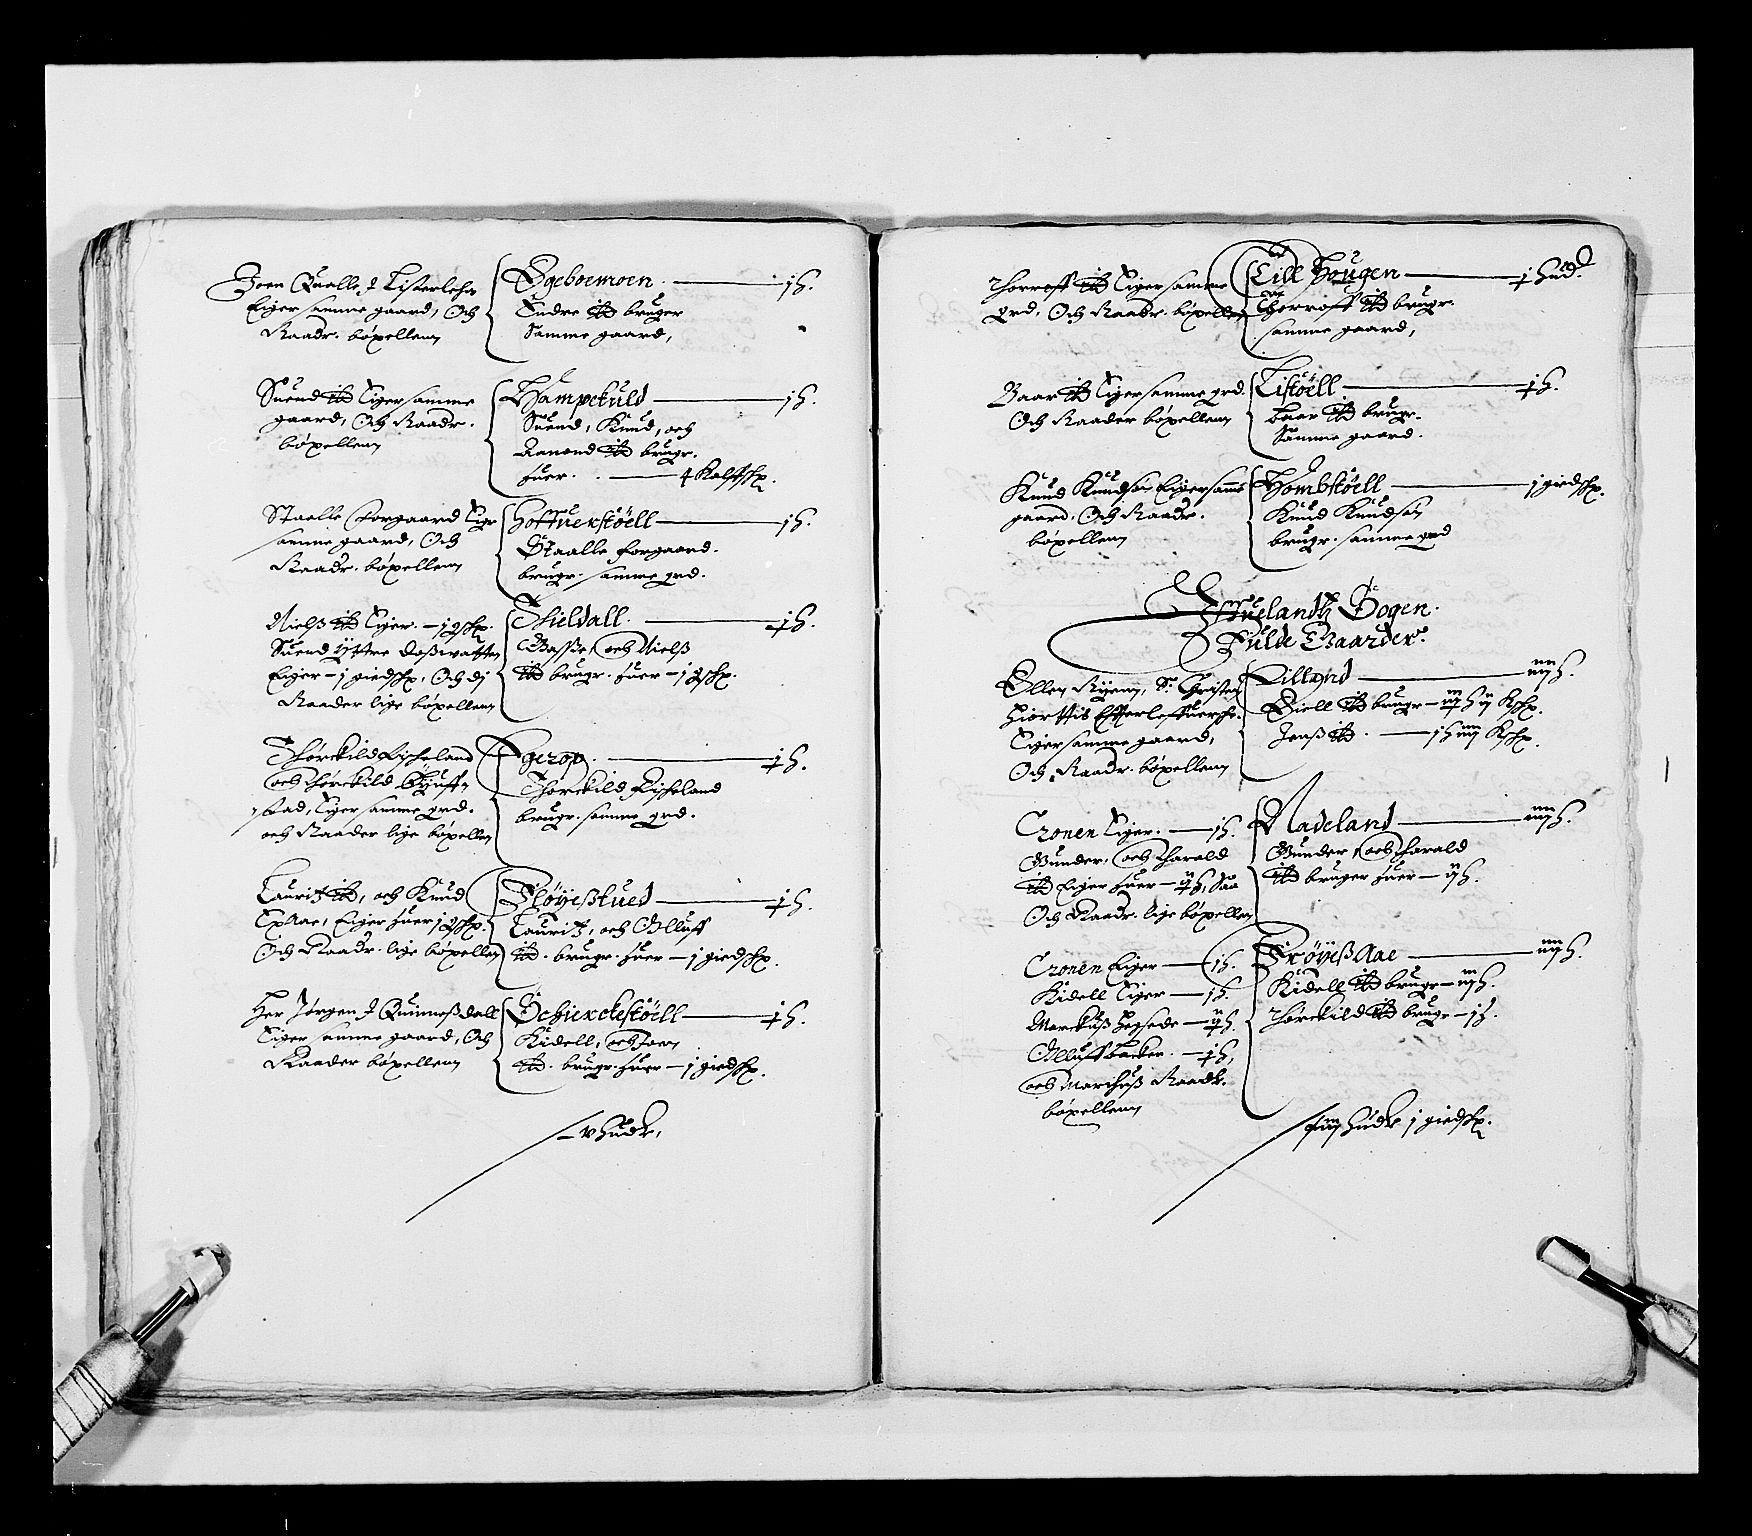 RA, Stattholderembetet 1572-1771, Ek/L0023: Jordebøker 1633-1658:, 1648-1649, s. 37